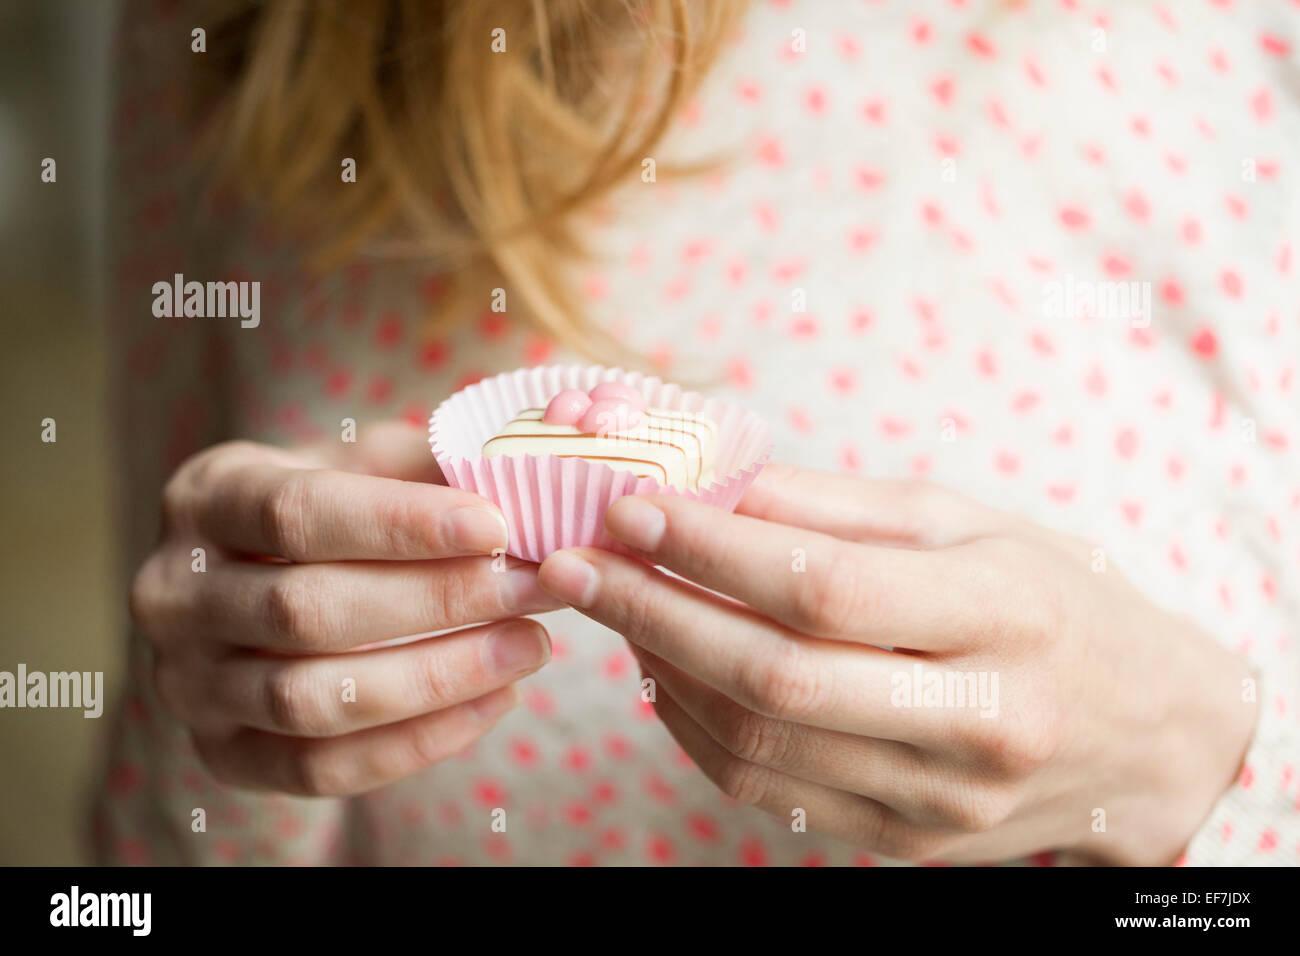 Mujer comiendo un cupcake Imagen De Stock